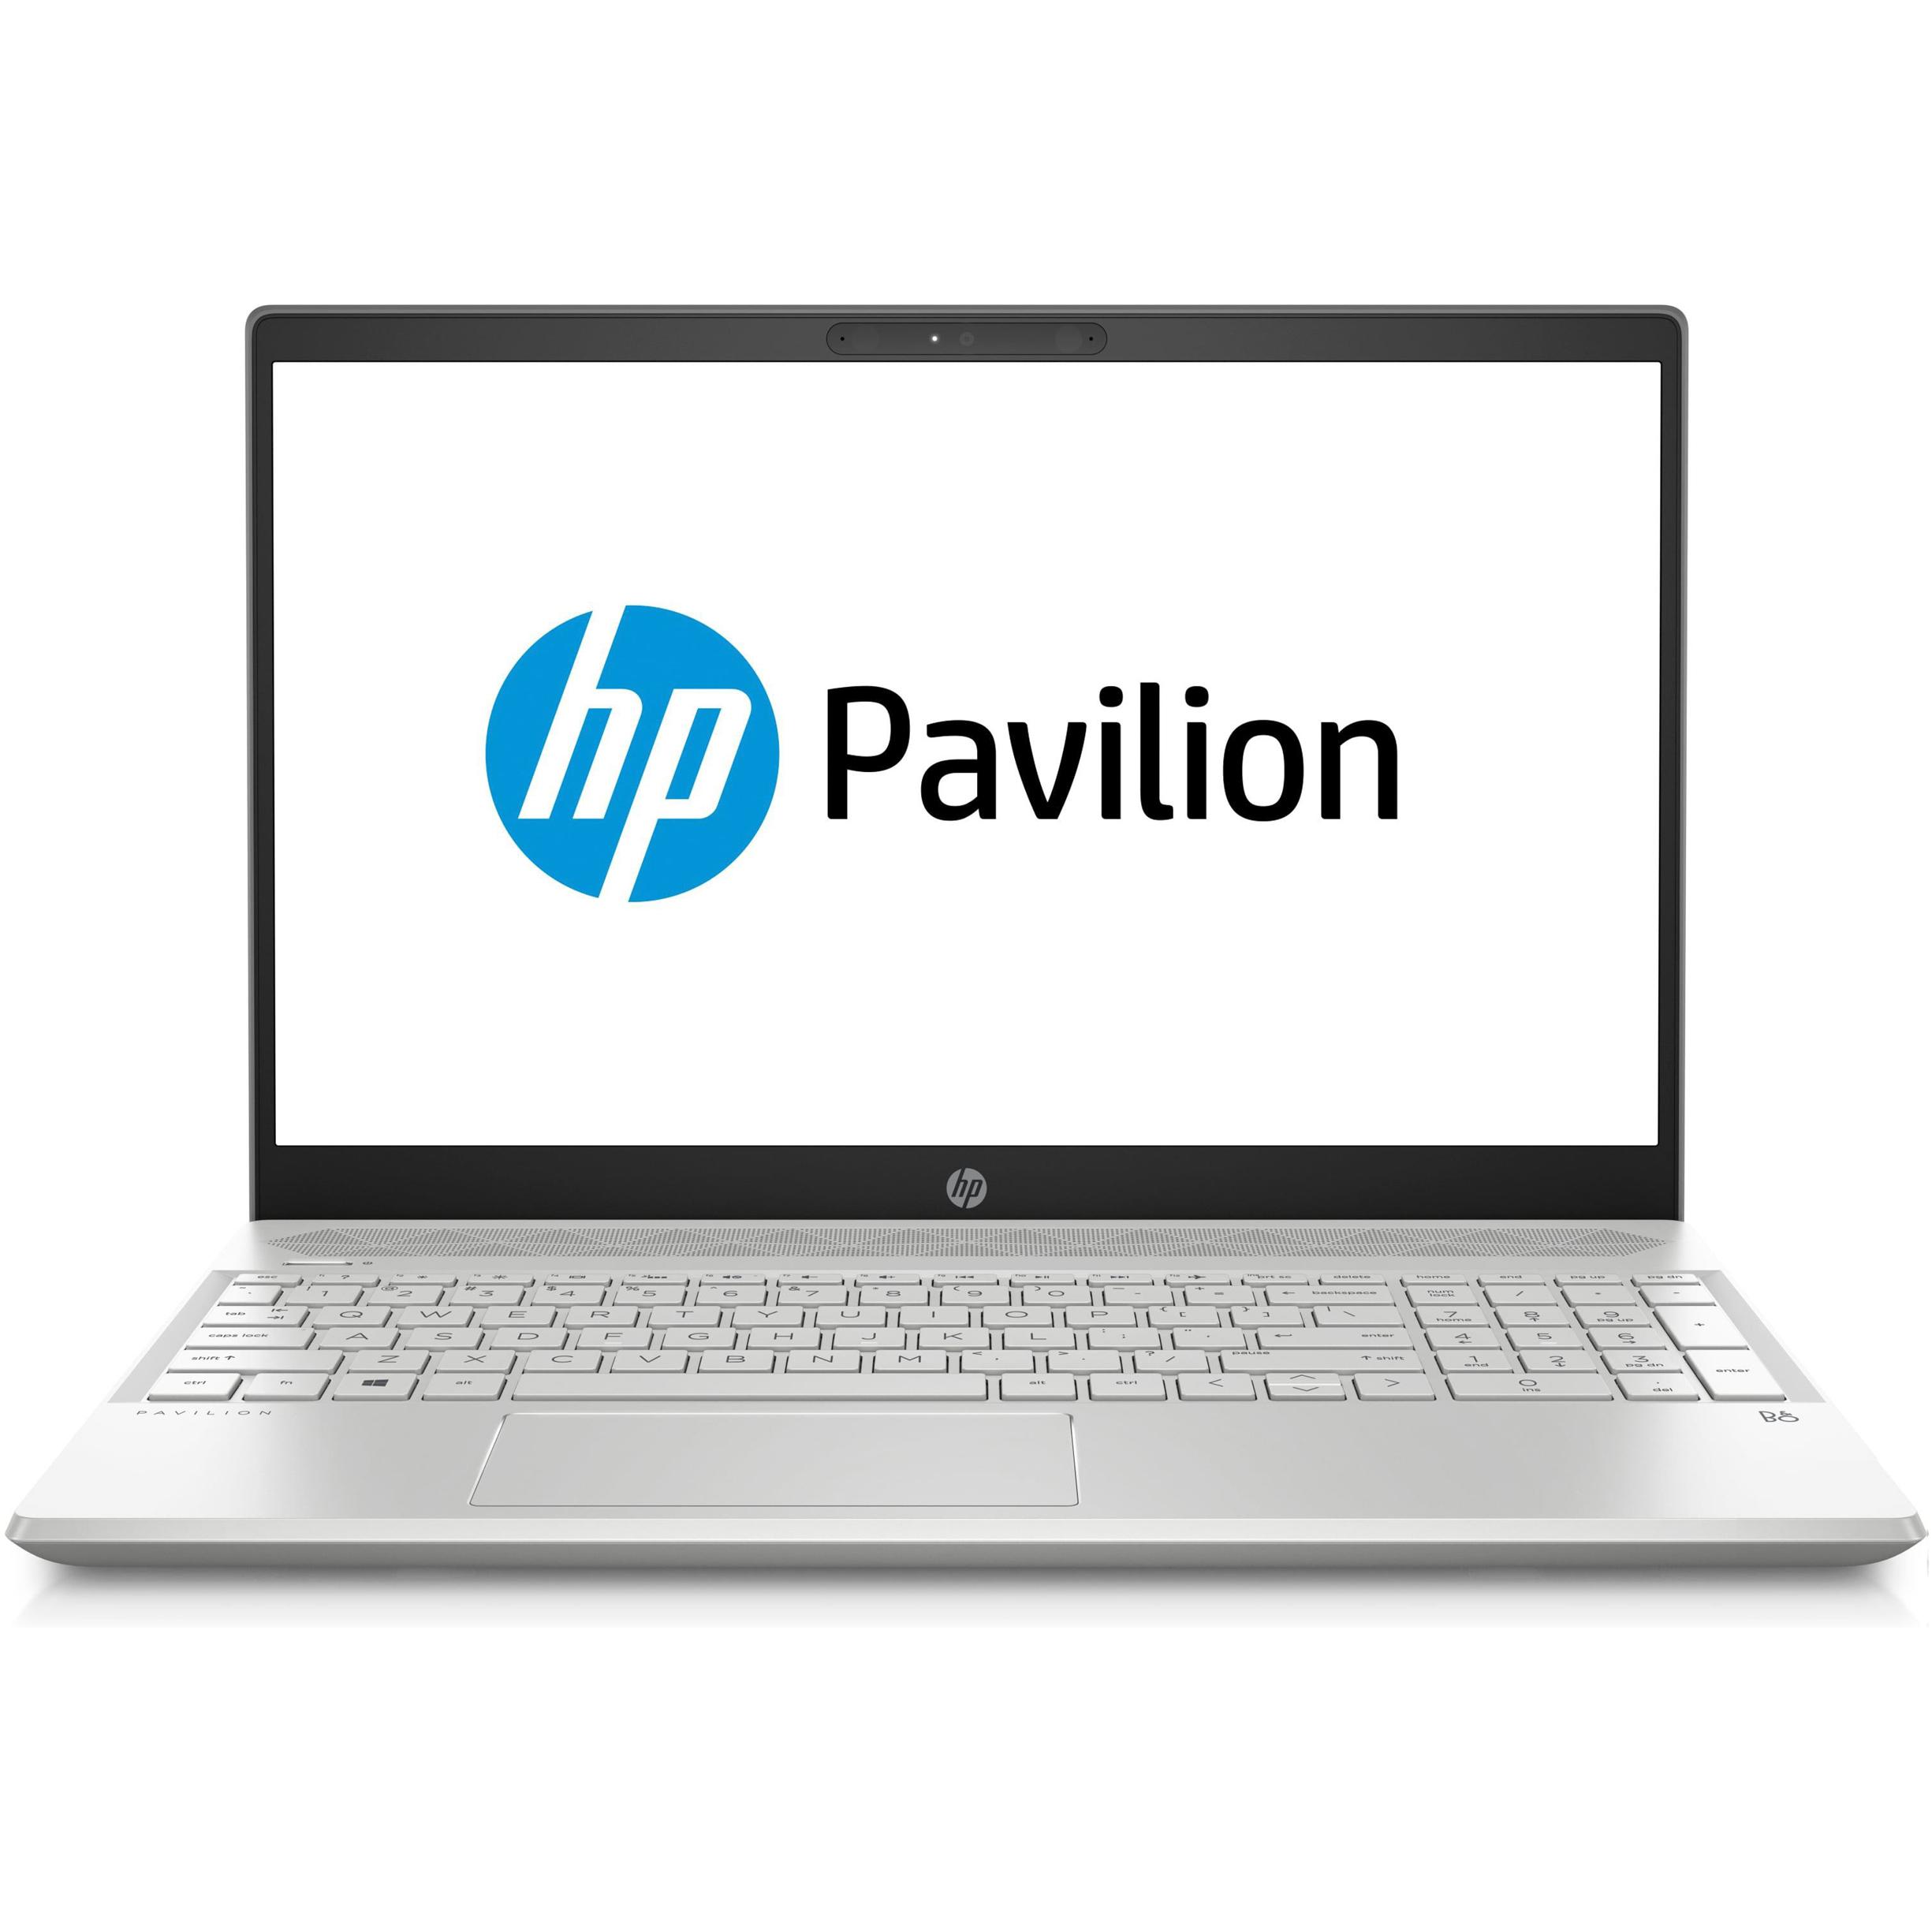 لپ تاپ 15.6 اینچی اچ پی مدل CS 0000 - E